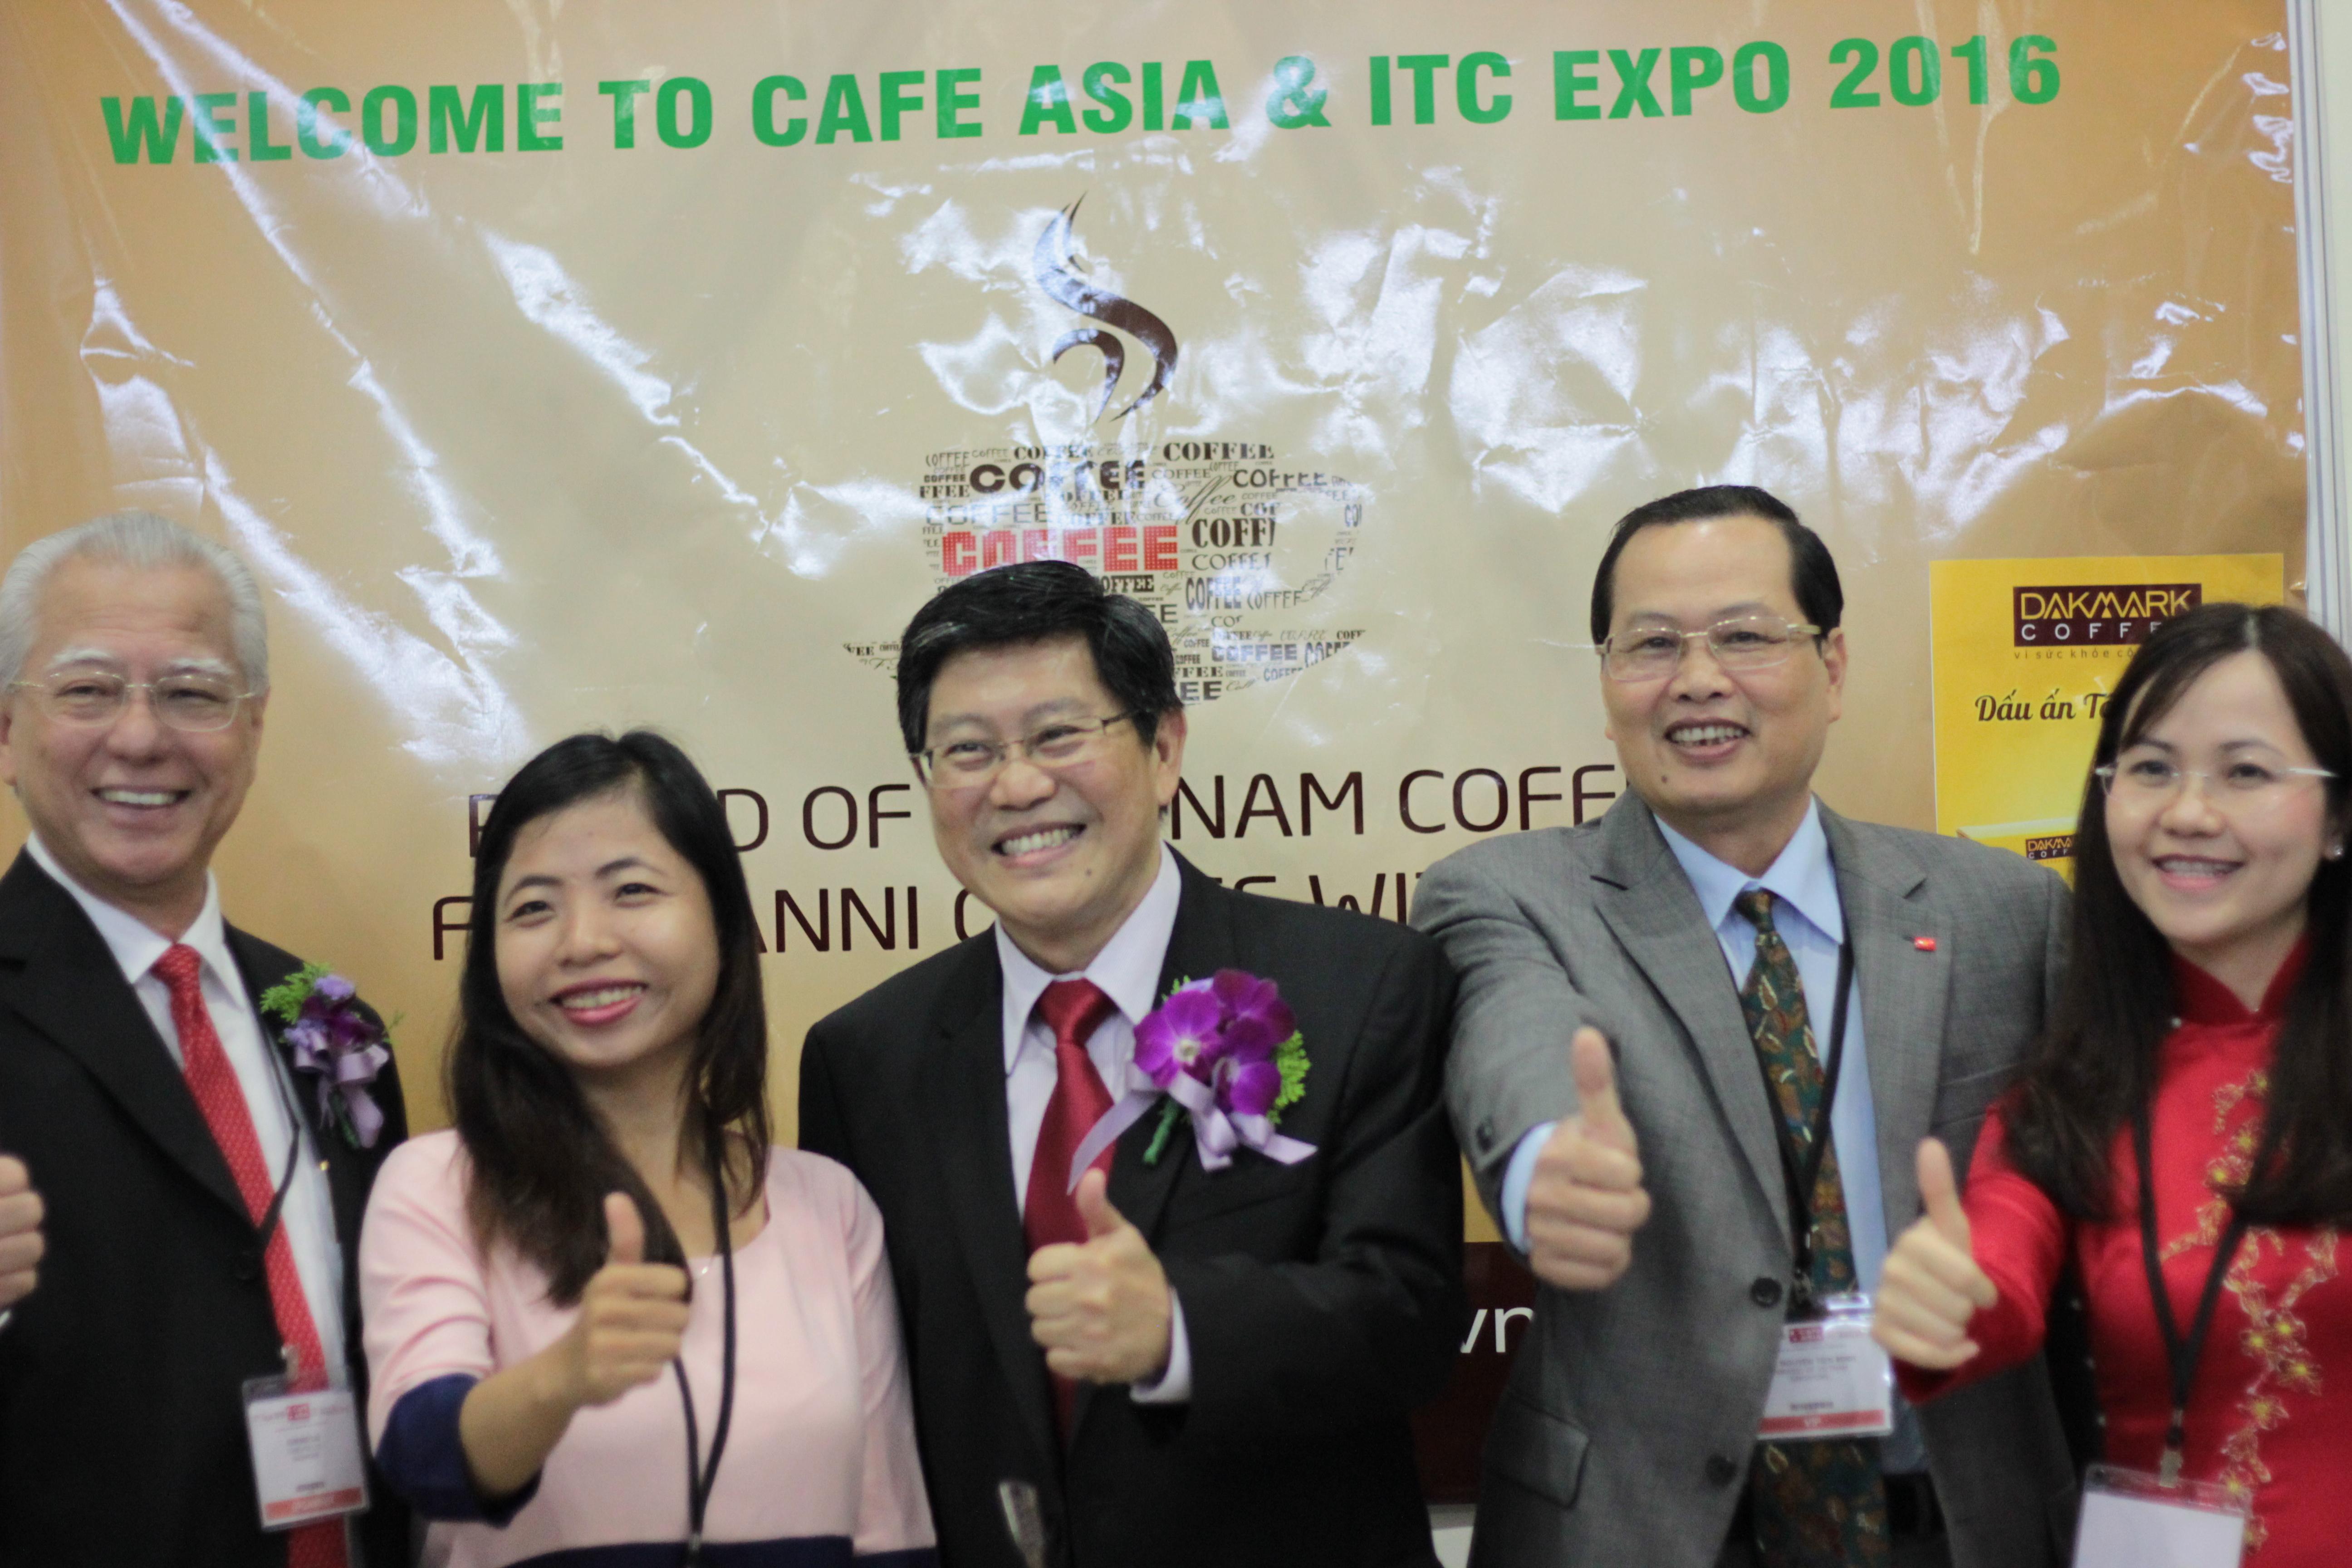 Anni coffee tham gia Triễn Lãm Cafe Asia 2016 (CEO Anni Coffee với Chủ Tịch Hiệp Hội Cà phê Châu Á )